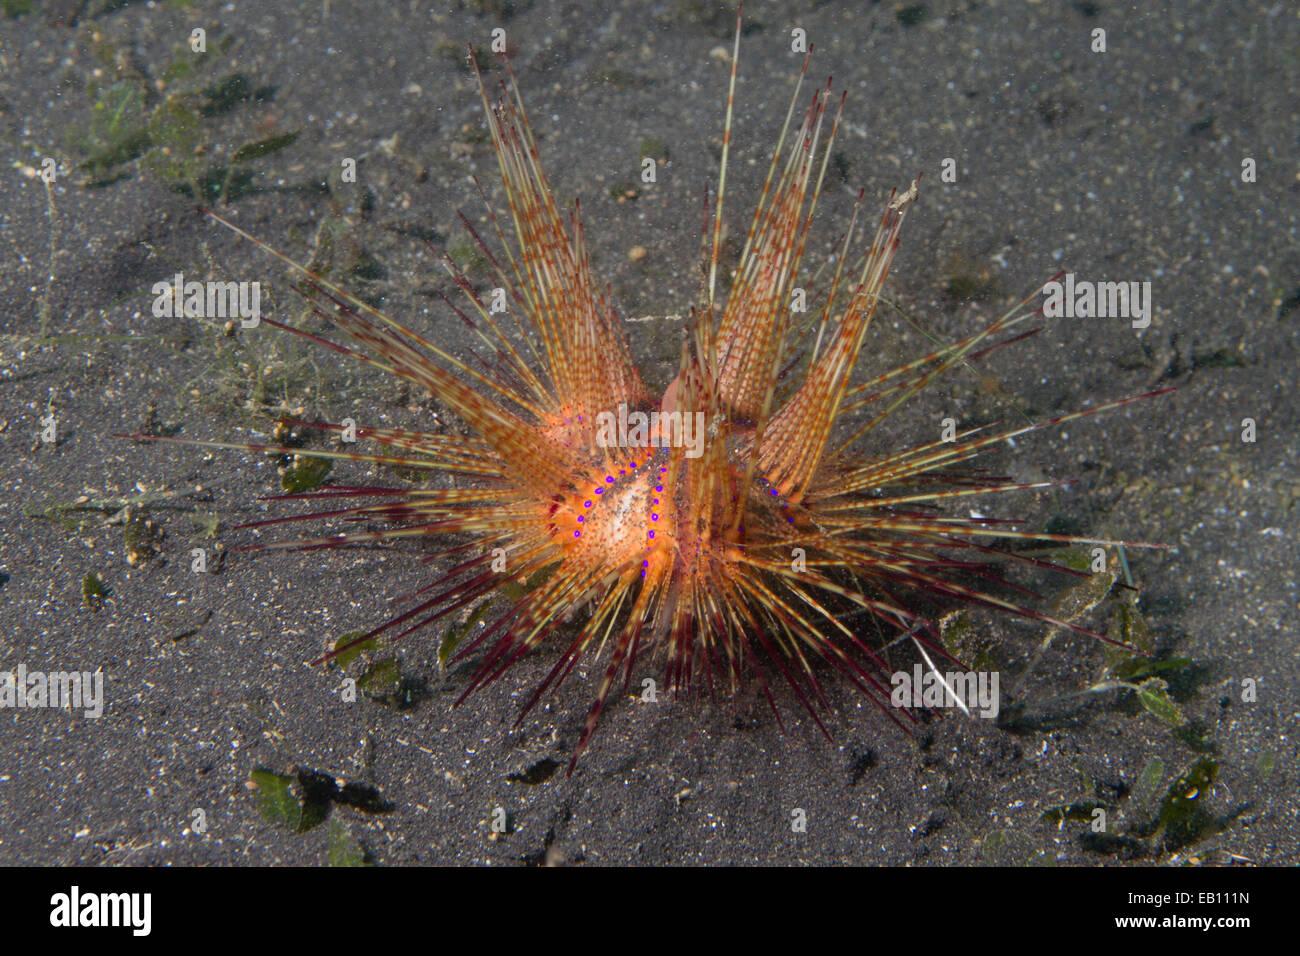 Radiant ricci di mare (Astropyga radiata) stretto di Lembeh, Indonesia Immagini Stock